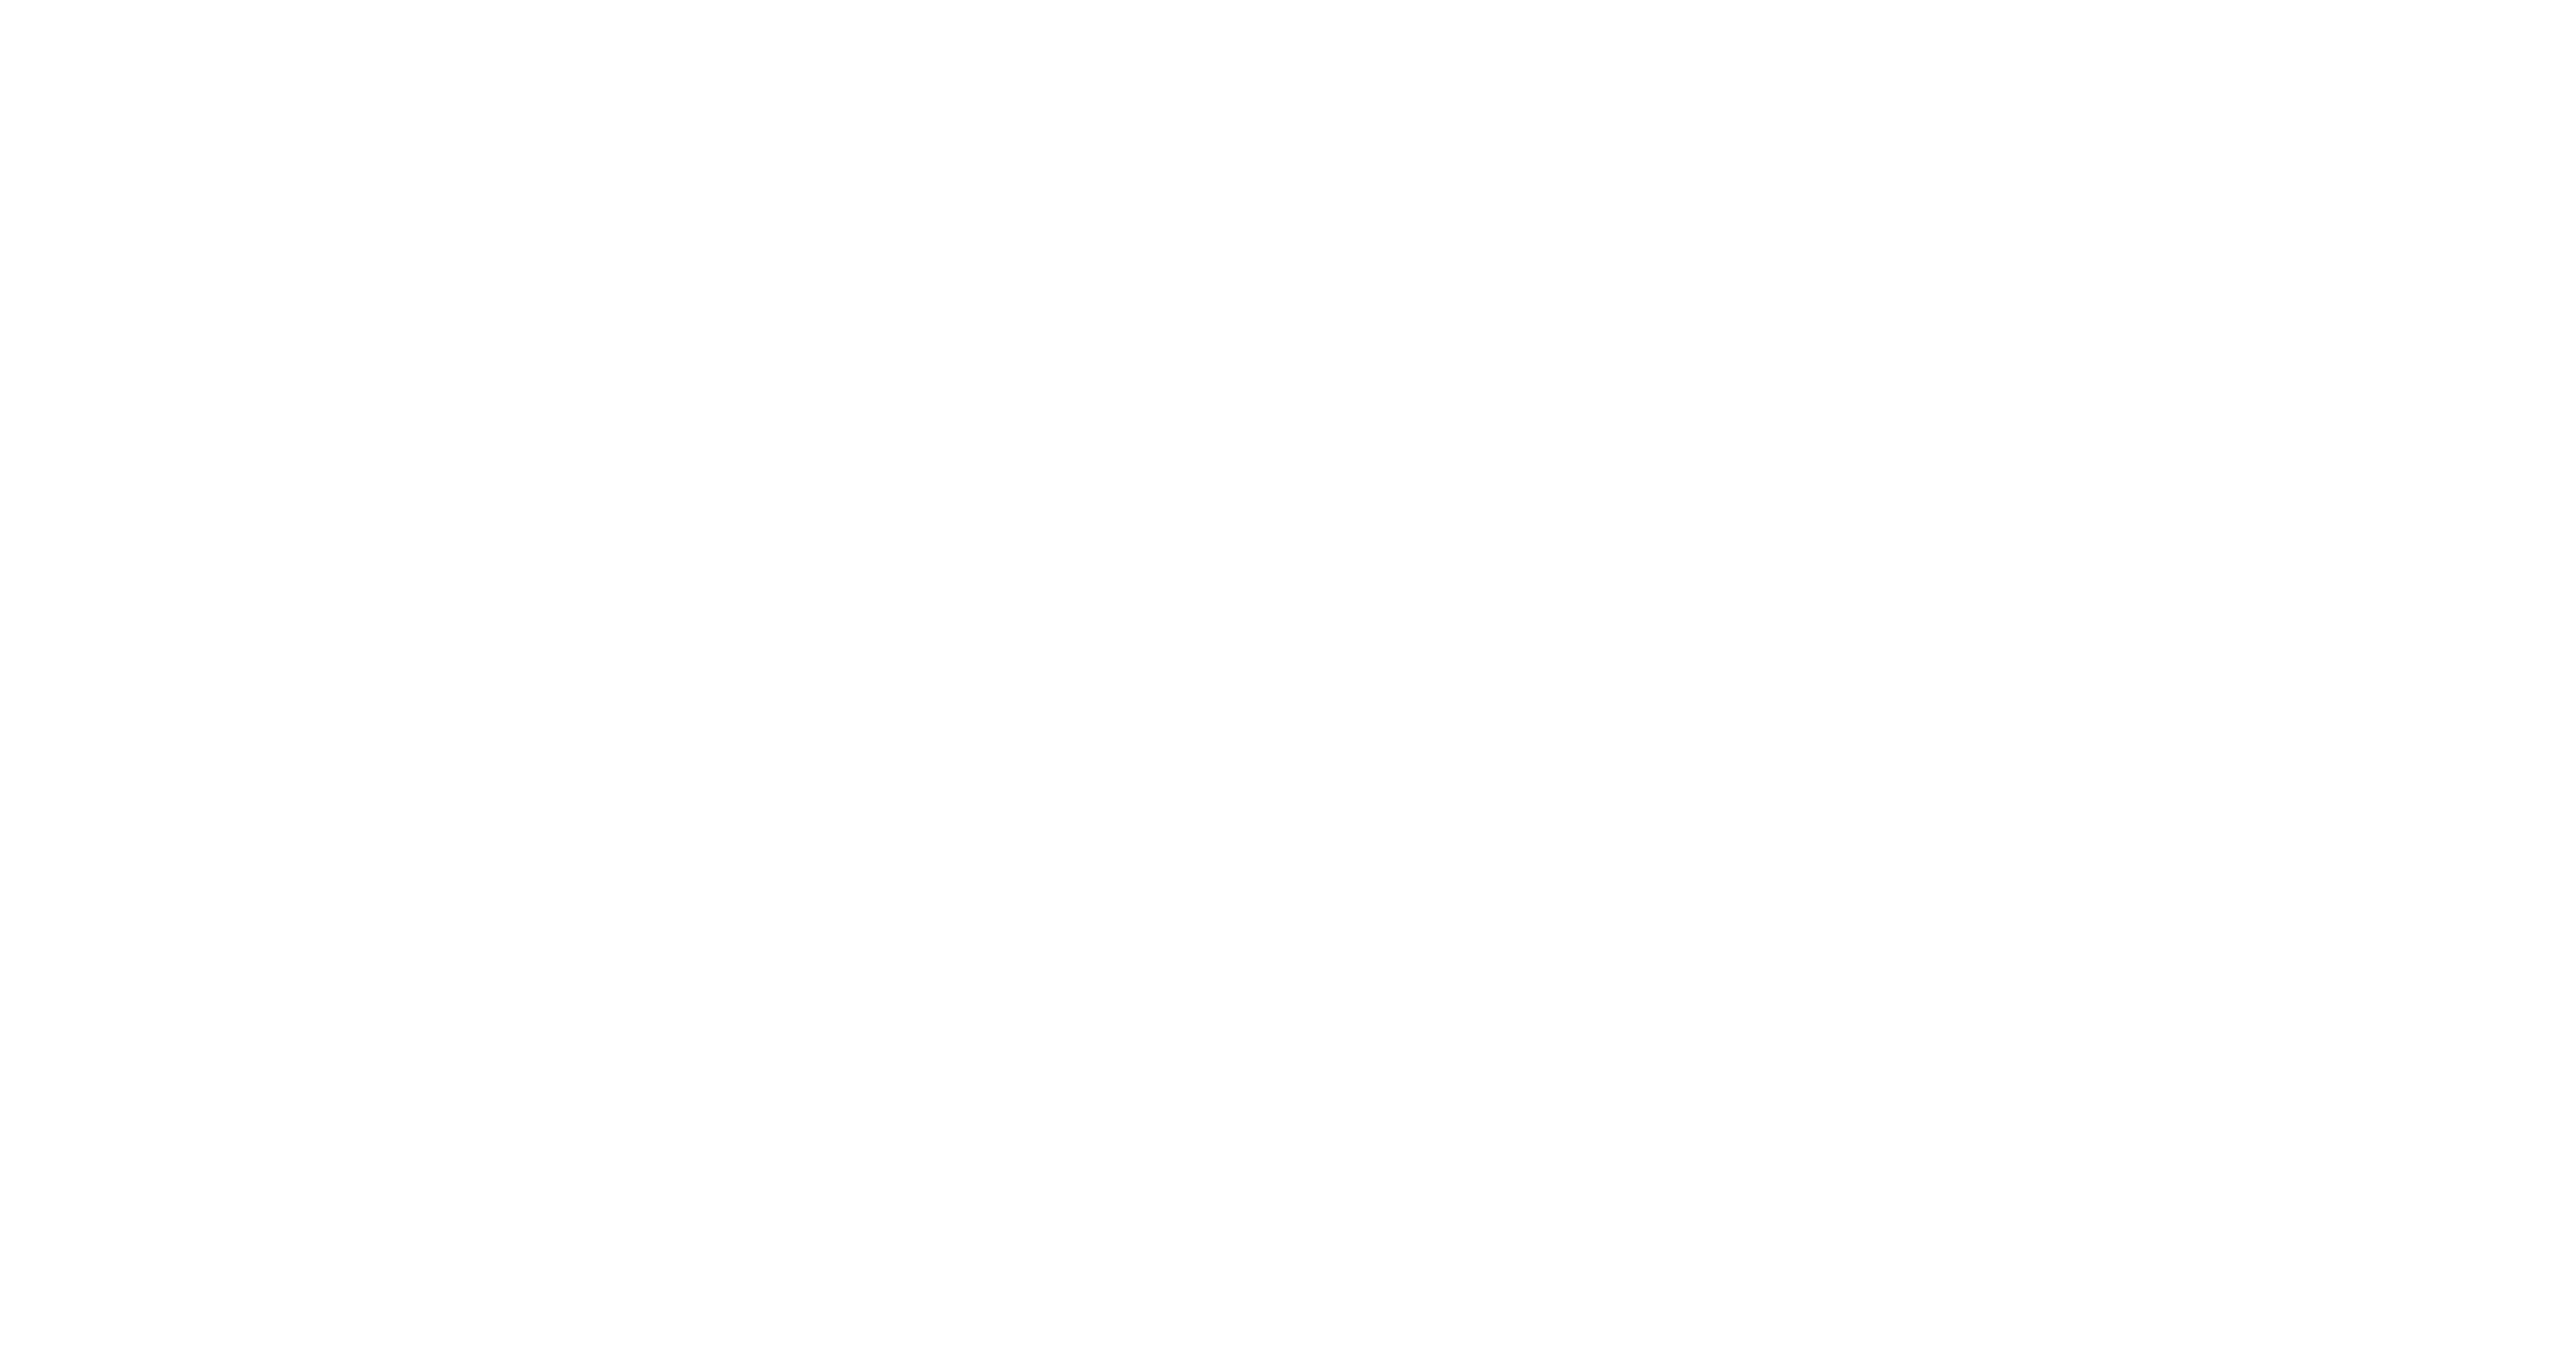 Løkken Bryghus ApS